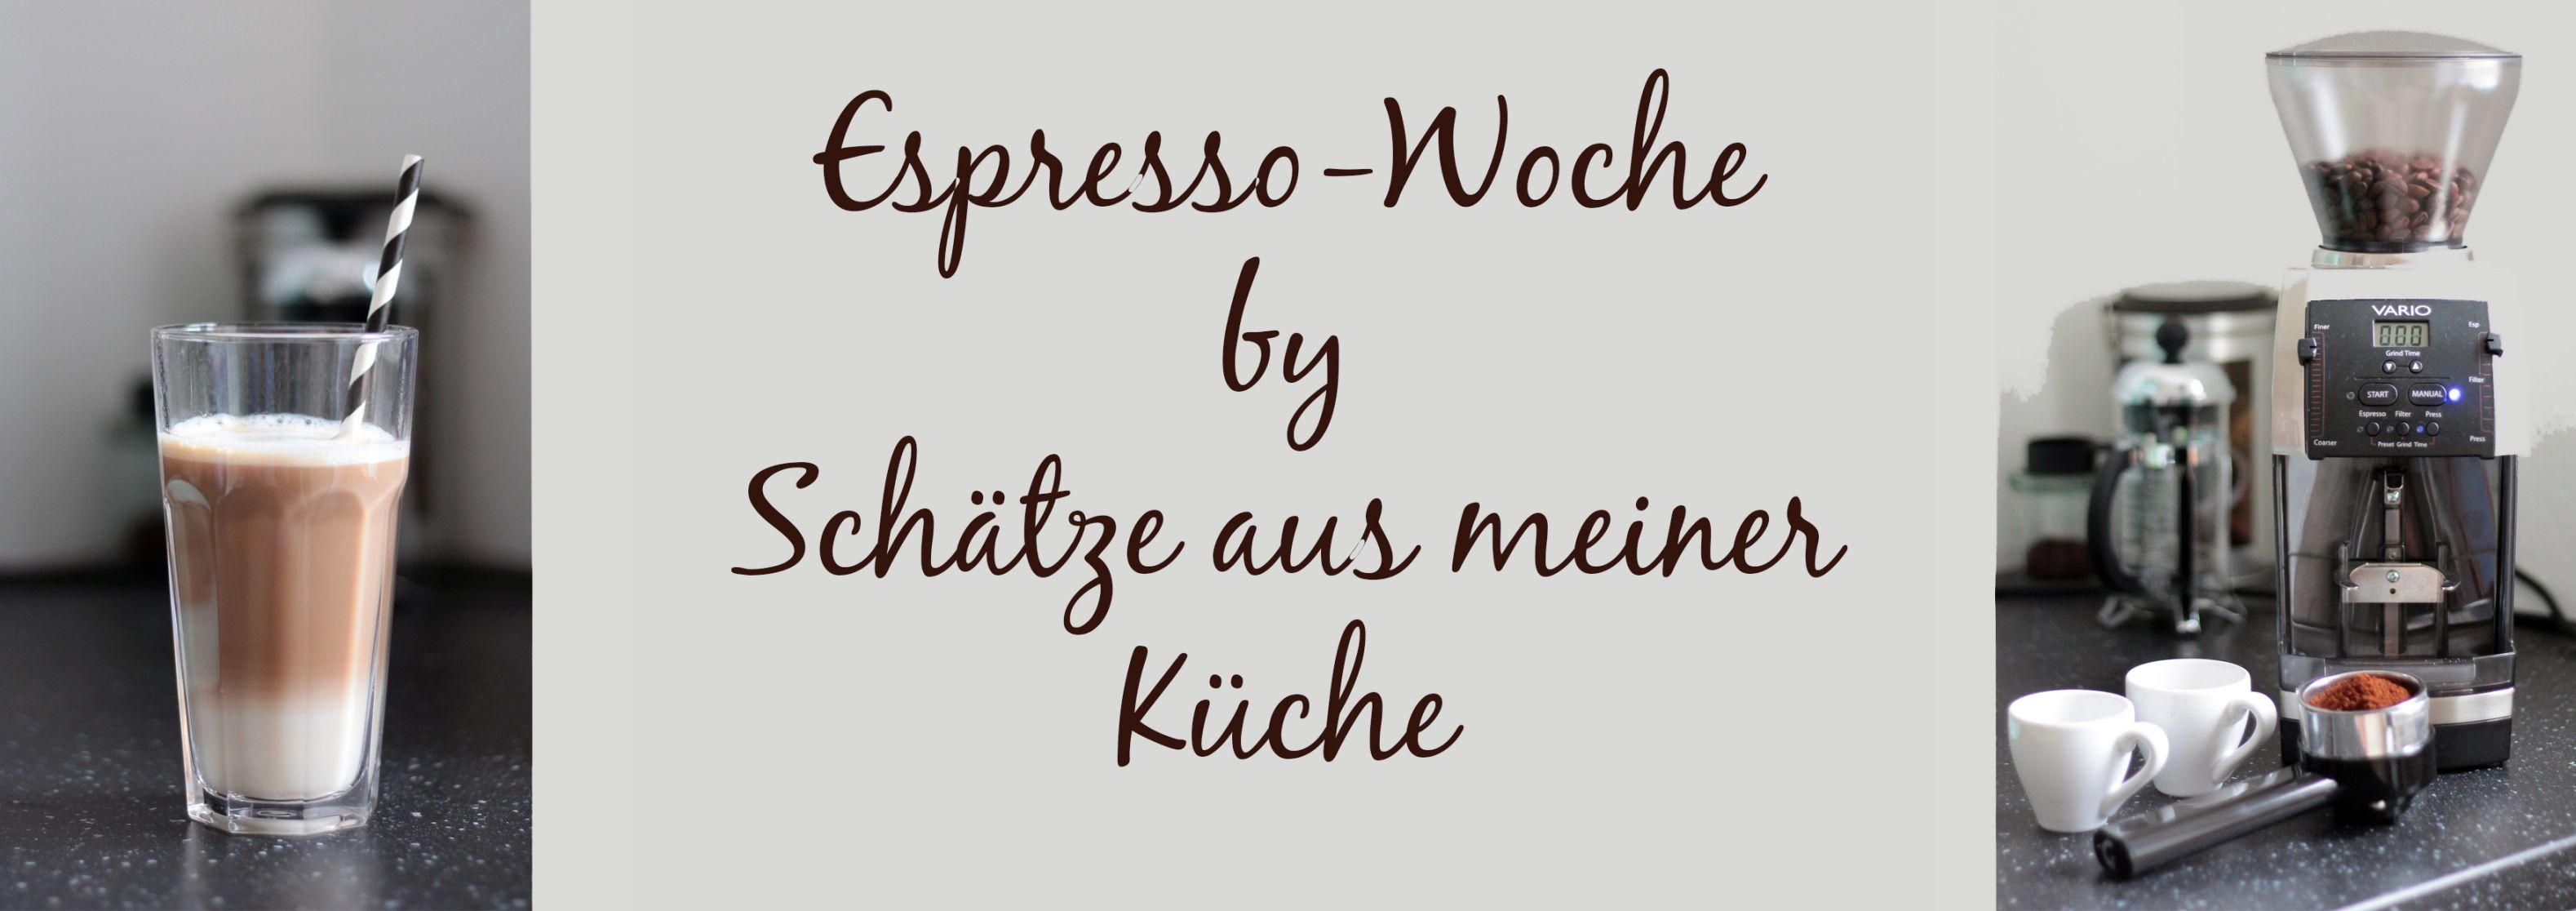 Espresso-Woche by Schätze aus meiner Küche